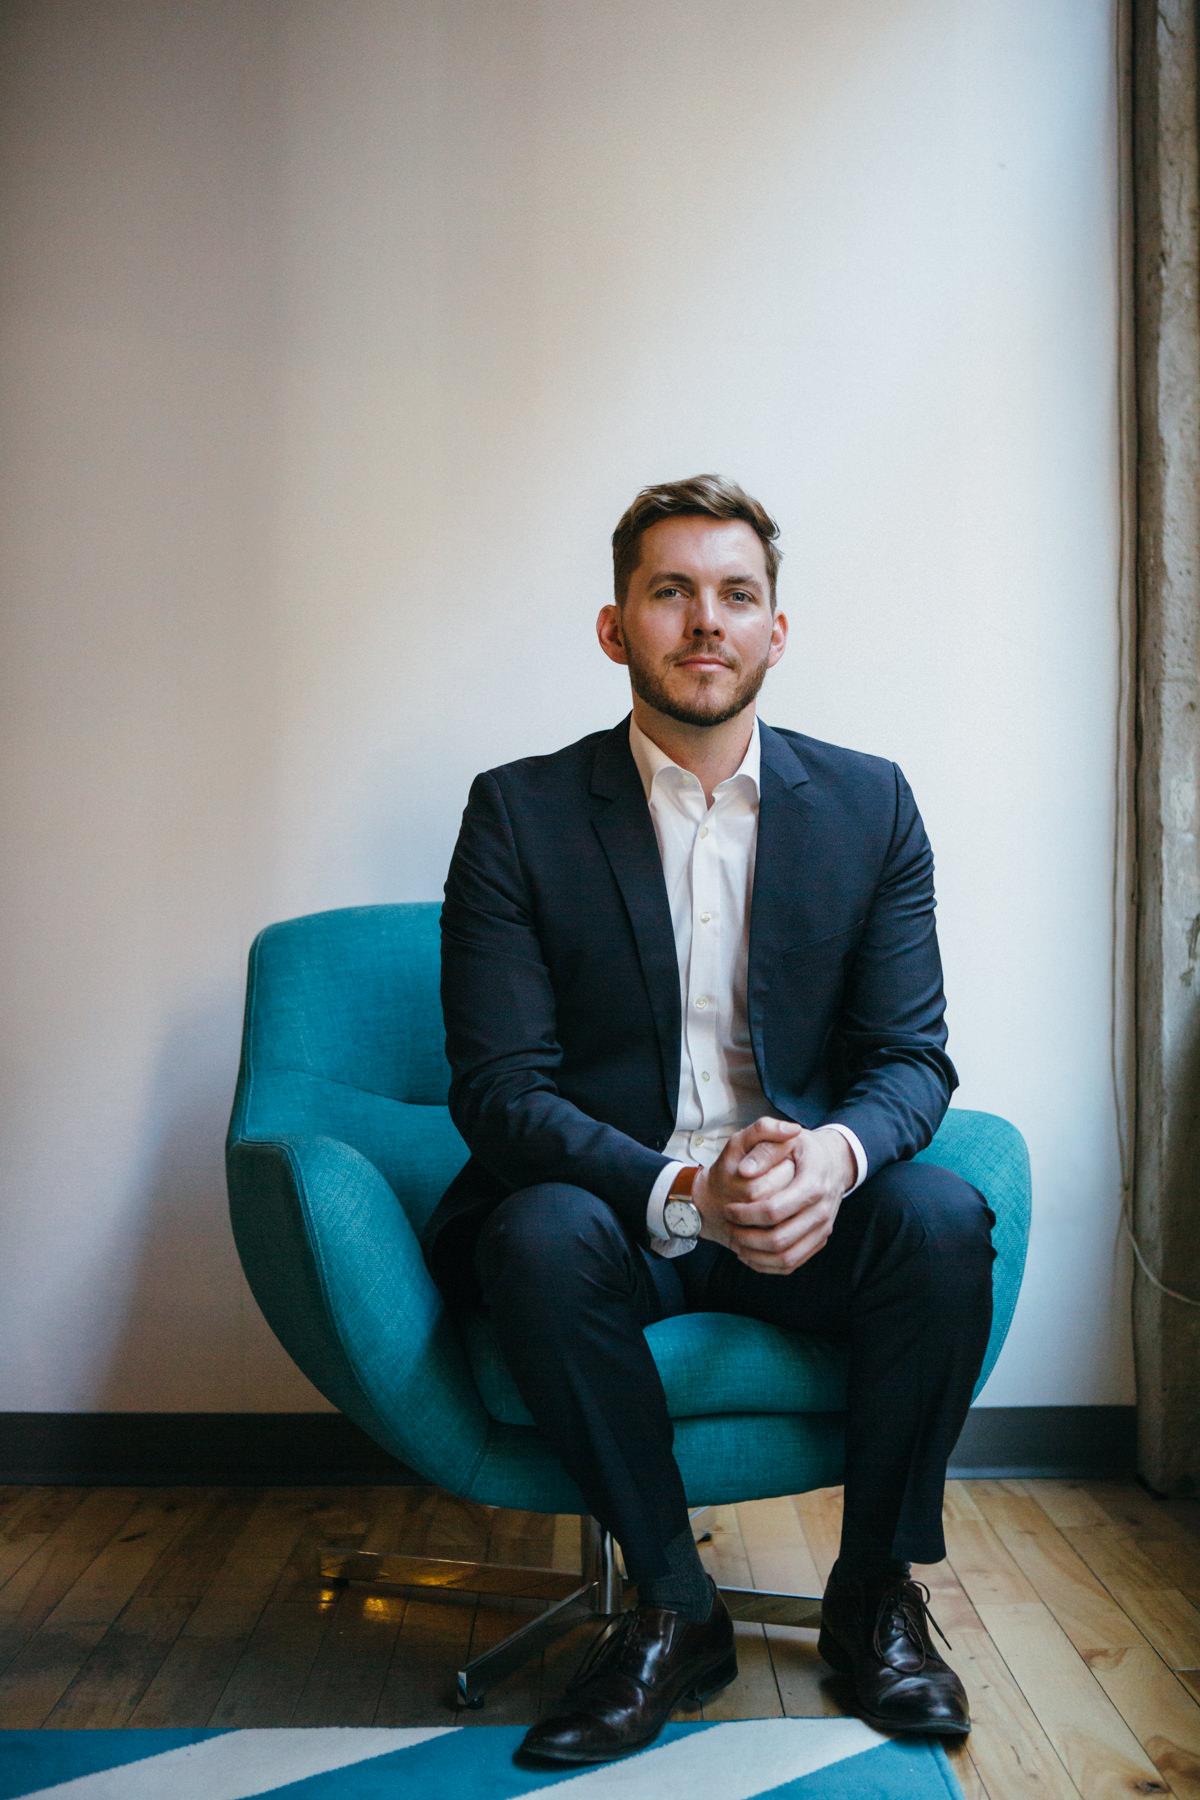 Lawyer Marcus McCann sits on blue chair beside window. Photo by Jocelyn Reynonds